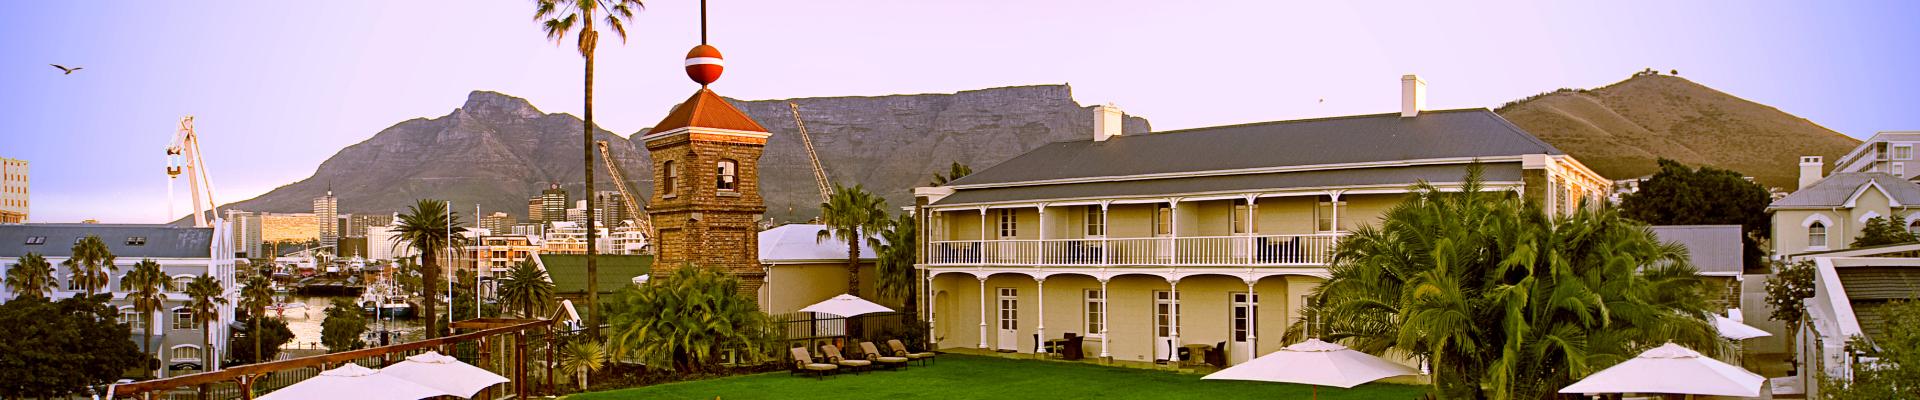 África do Sul Clássica